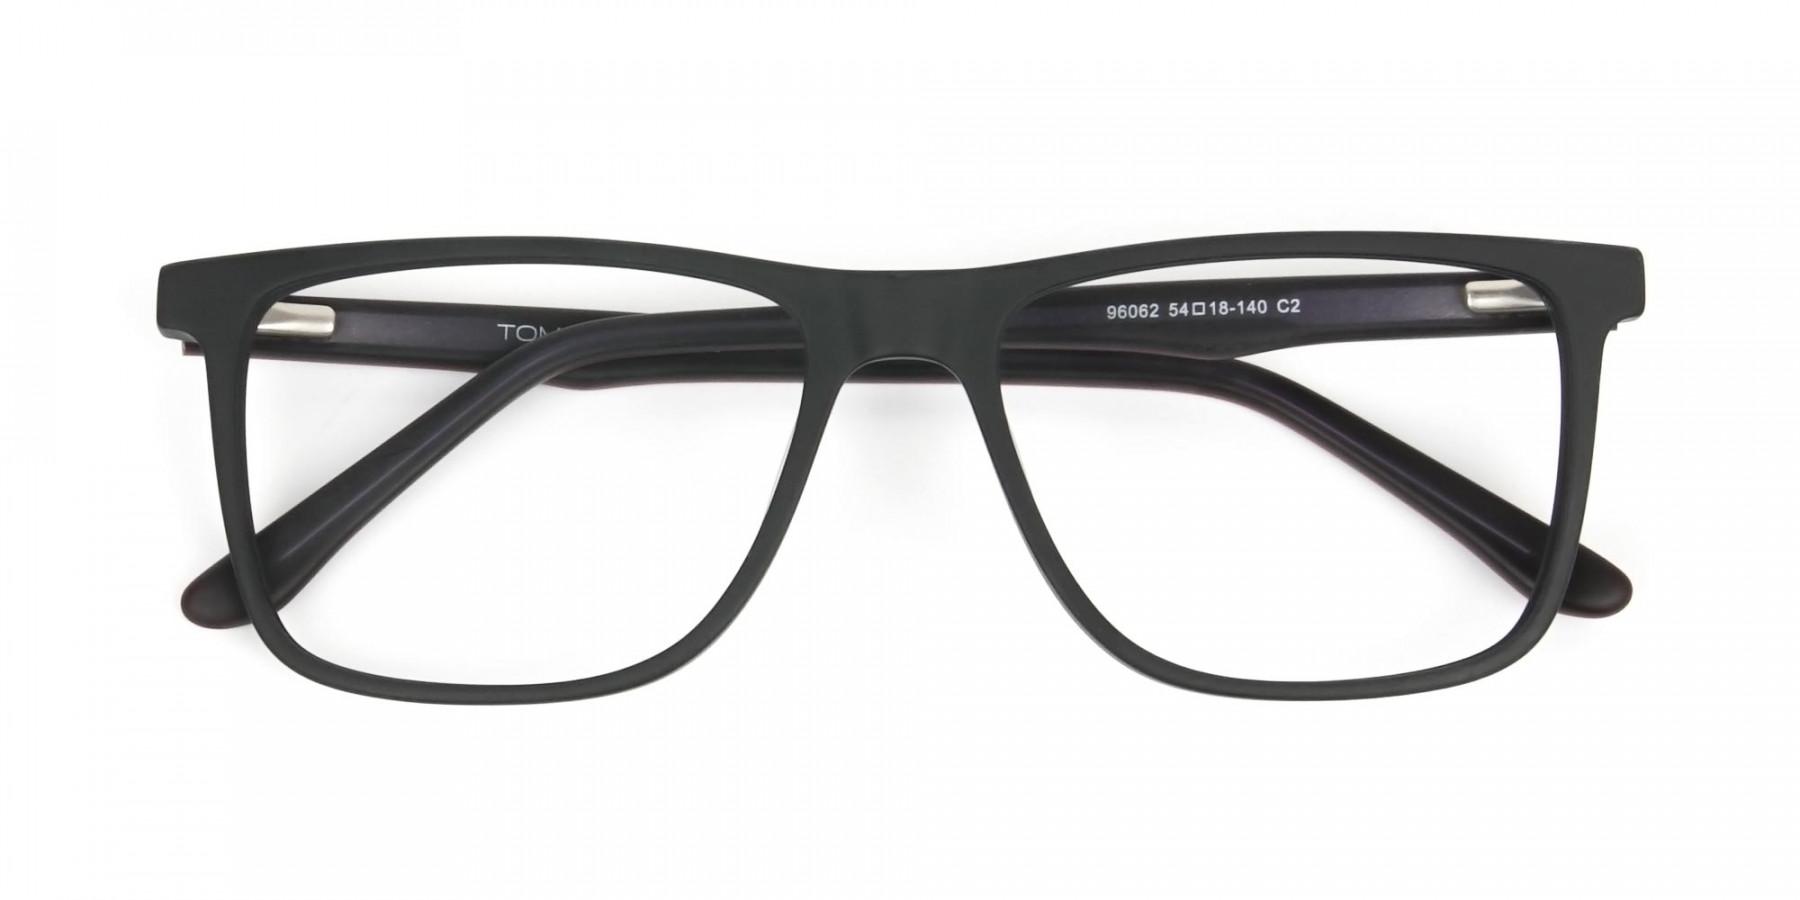 Designer Matte Black Spectacles Rectangular Men Women - 1